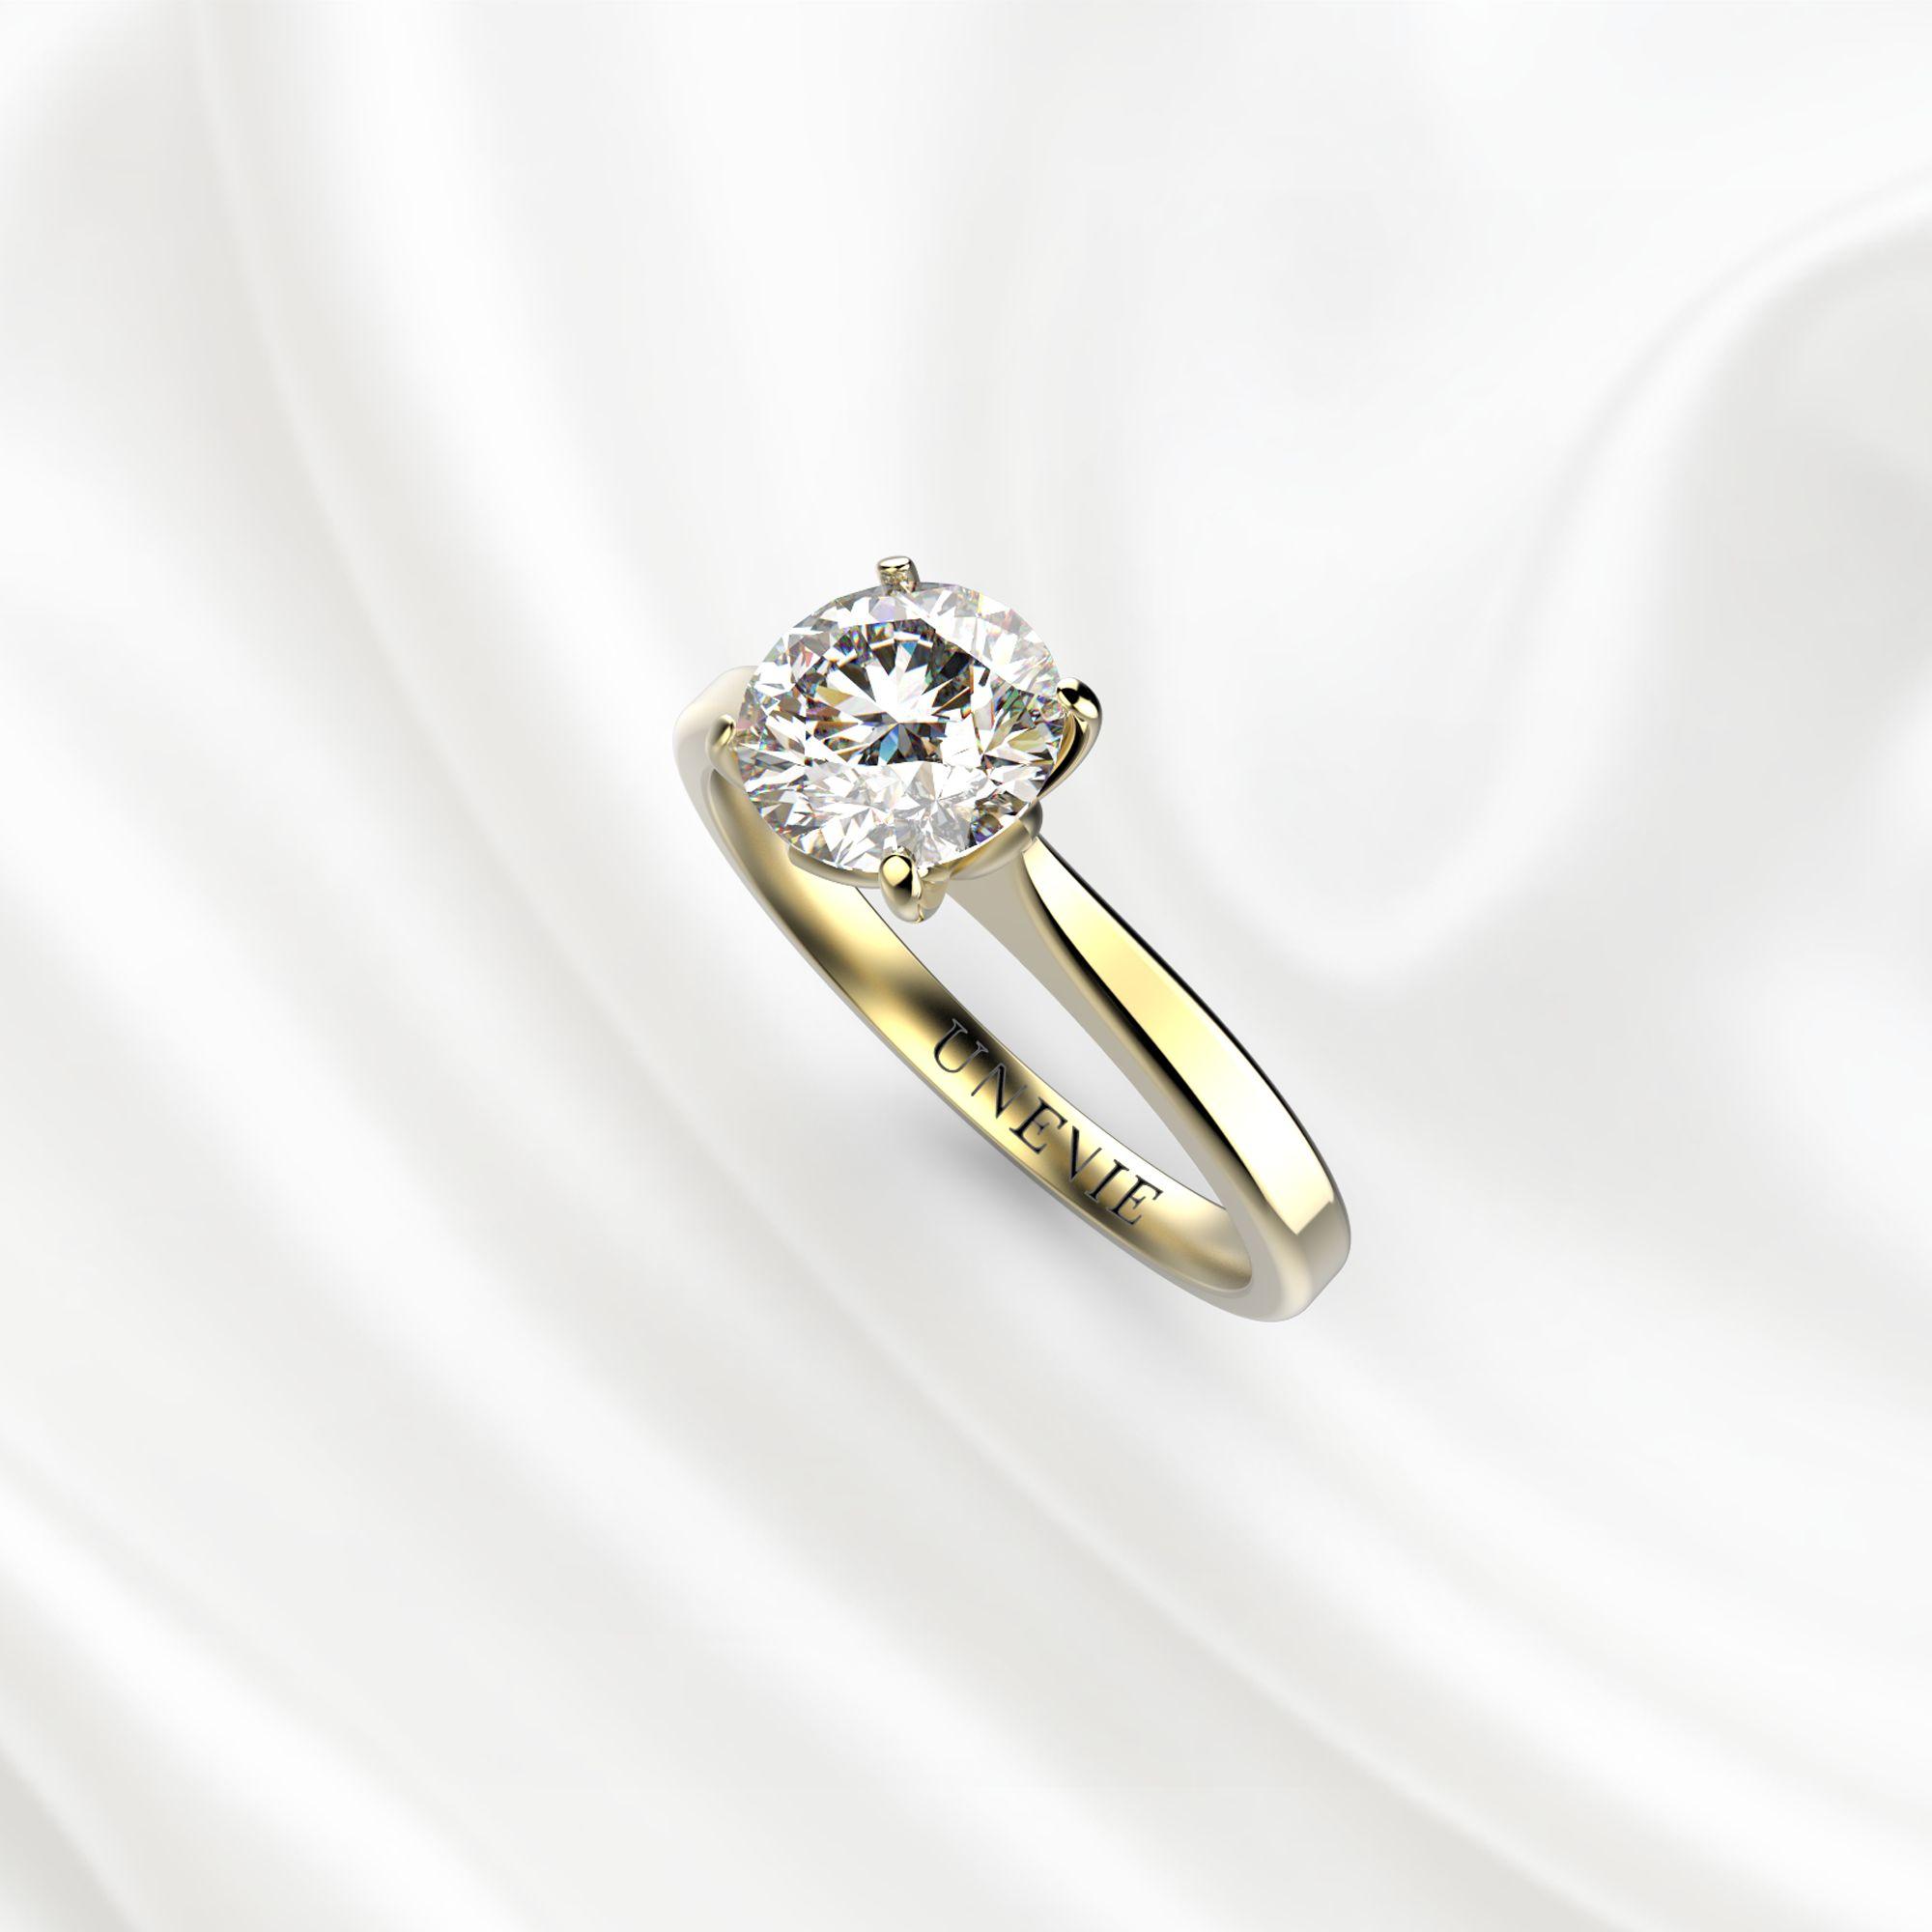 N16 Помолвочное кольцо из желтого золота с бриллиантом 0.45 карат